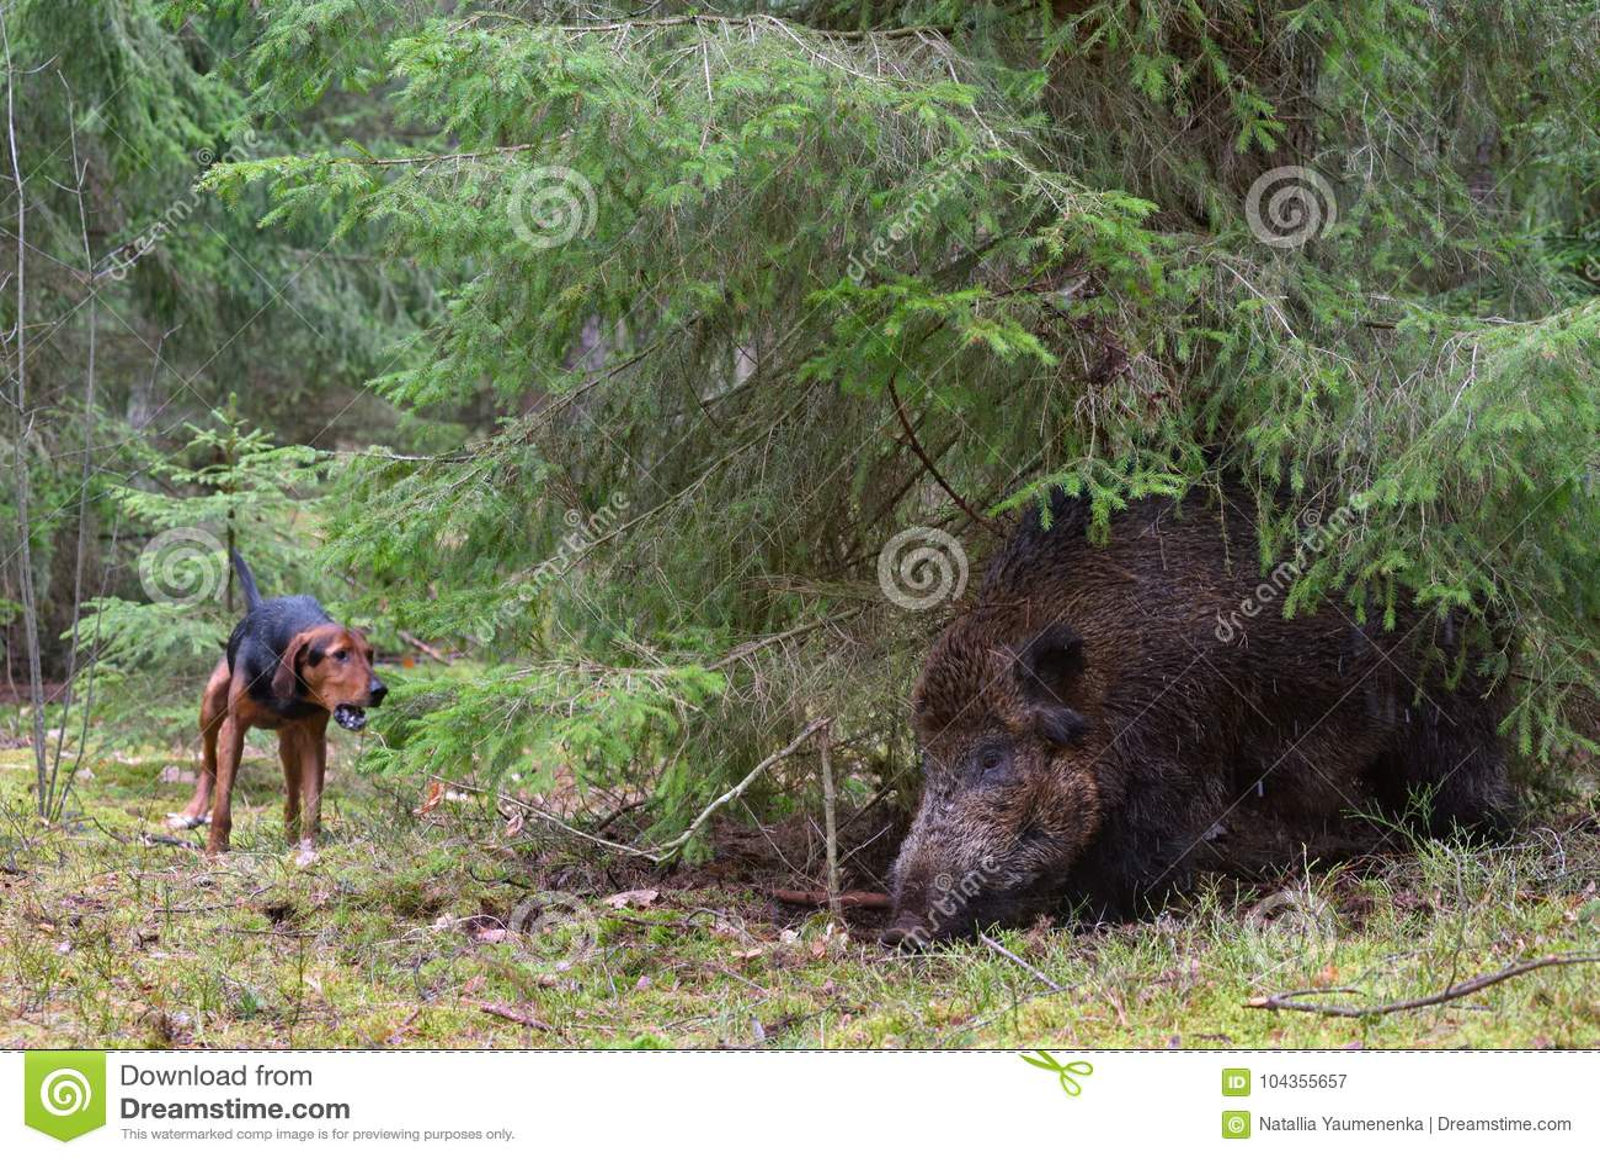 Hunting on wildboar stock image  Image of rural, boar